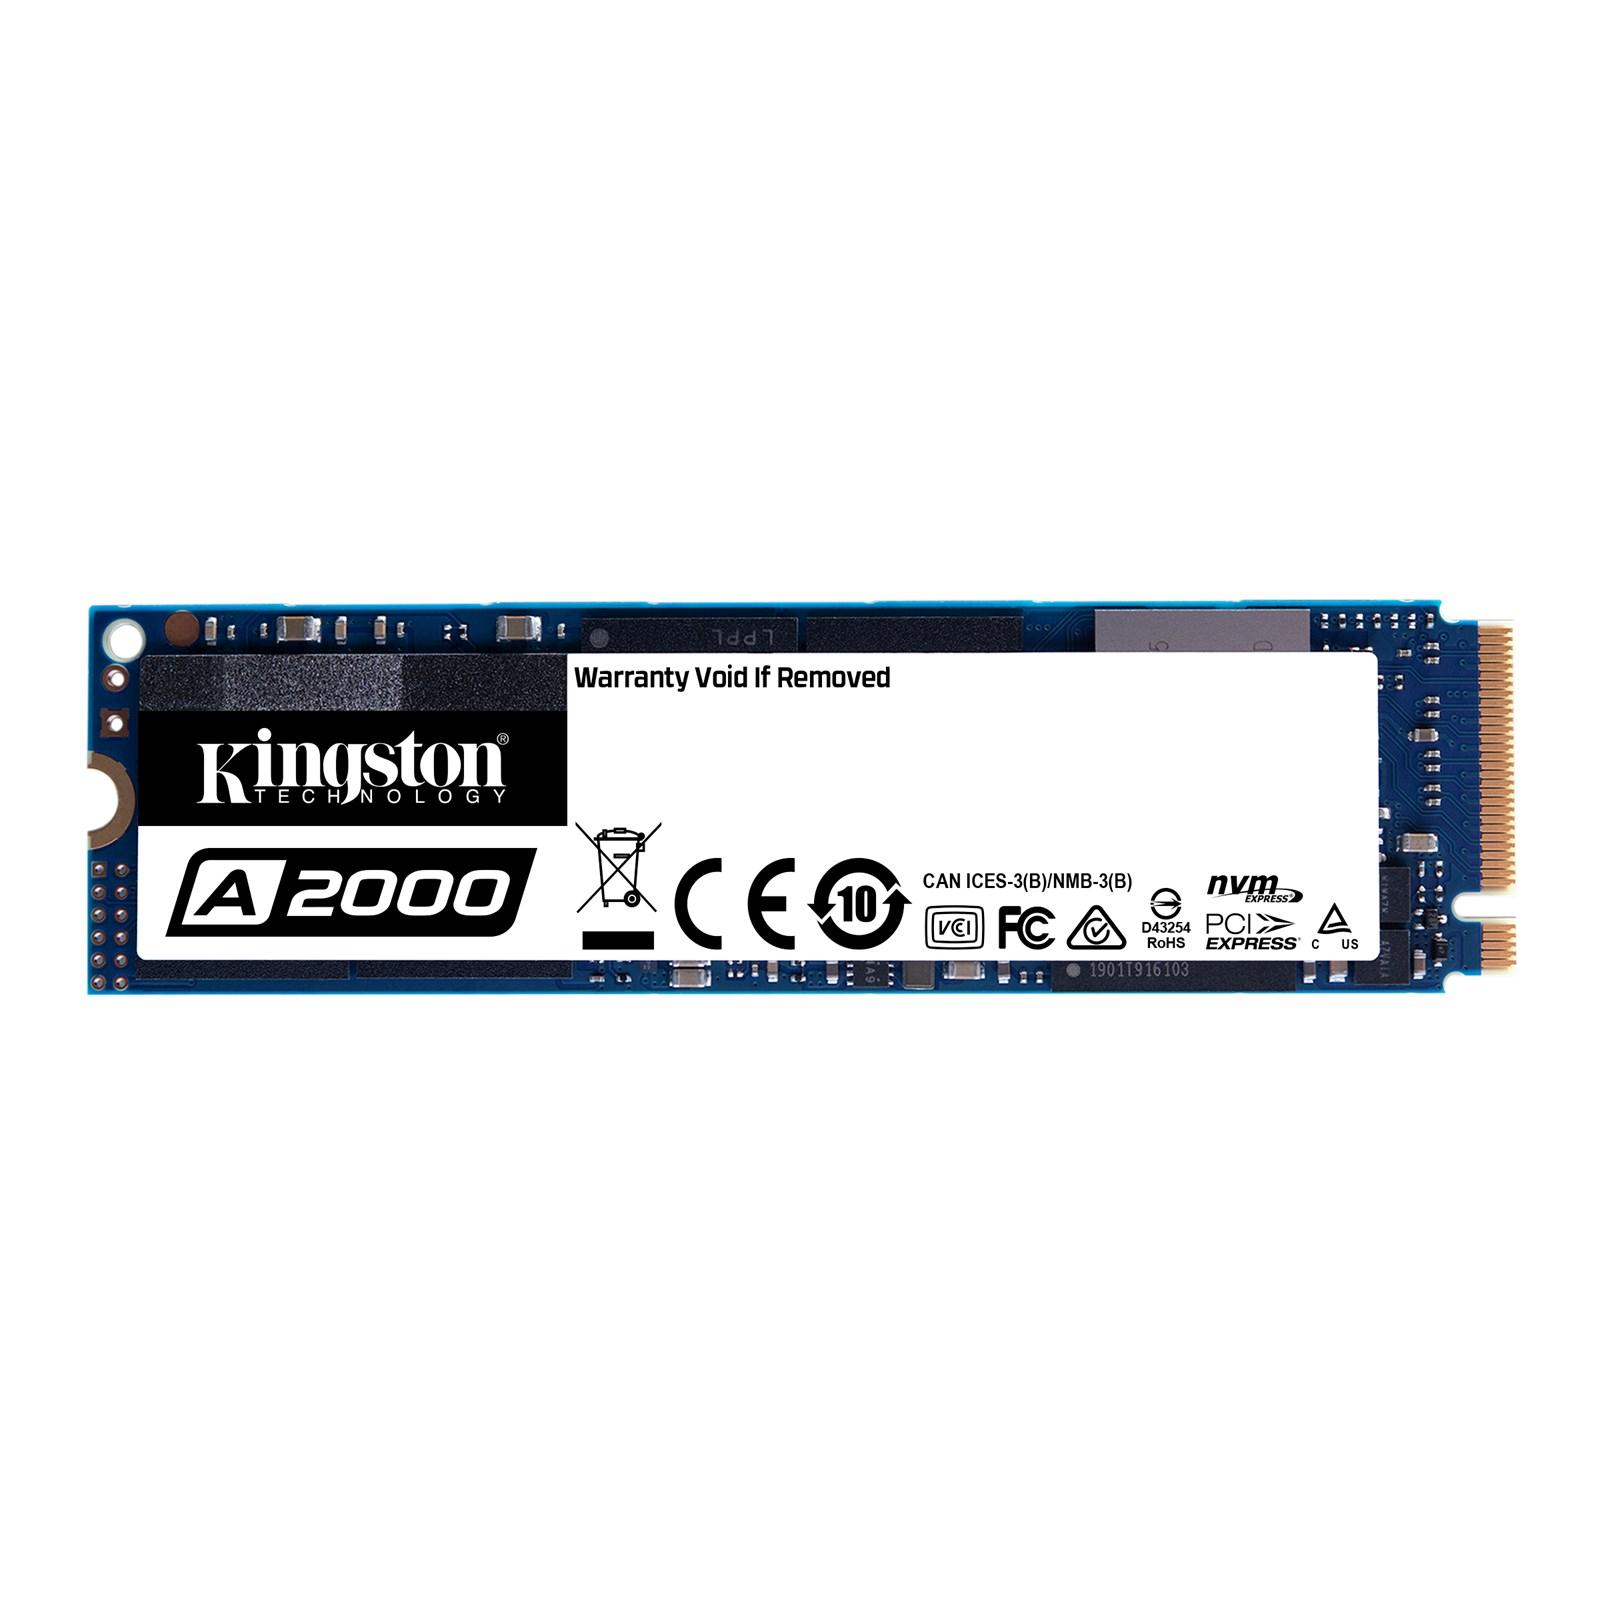 Ổ cứng SSD Kingston A2000 NVMe PCIe Gen 3.0 x4 250G - Hàng Chính Hãng